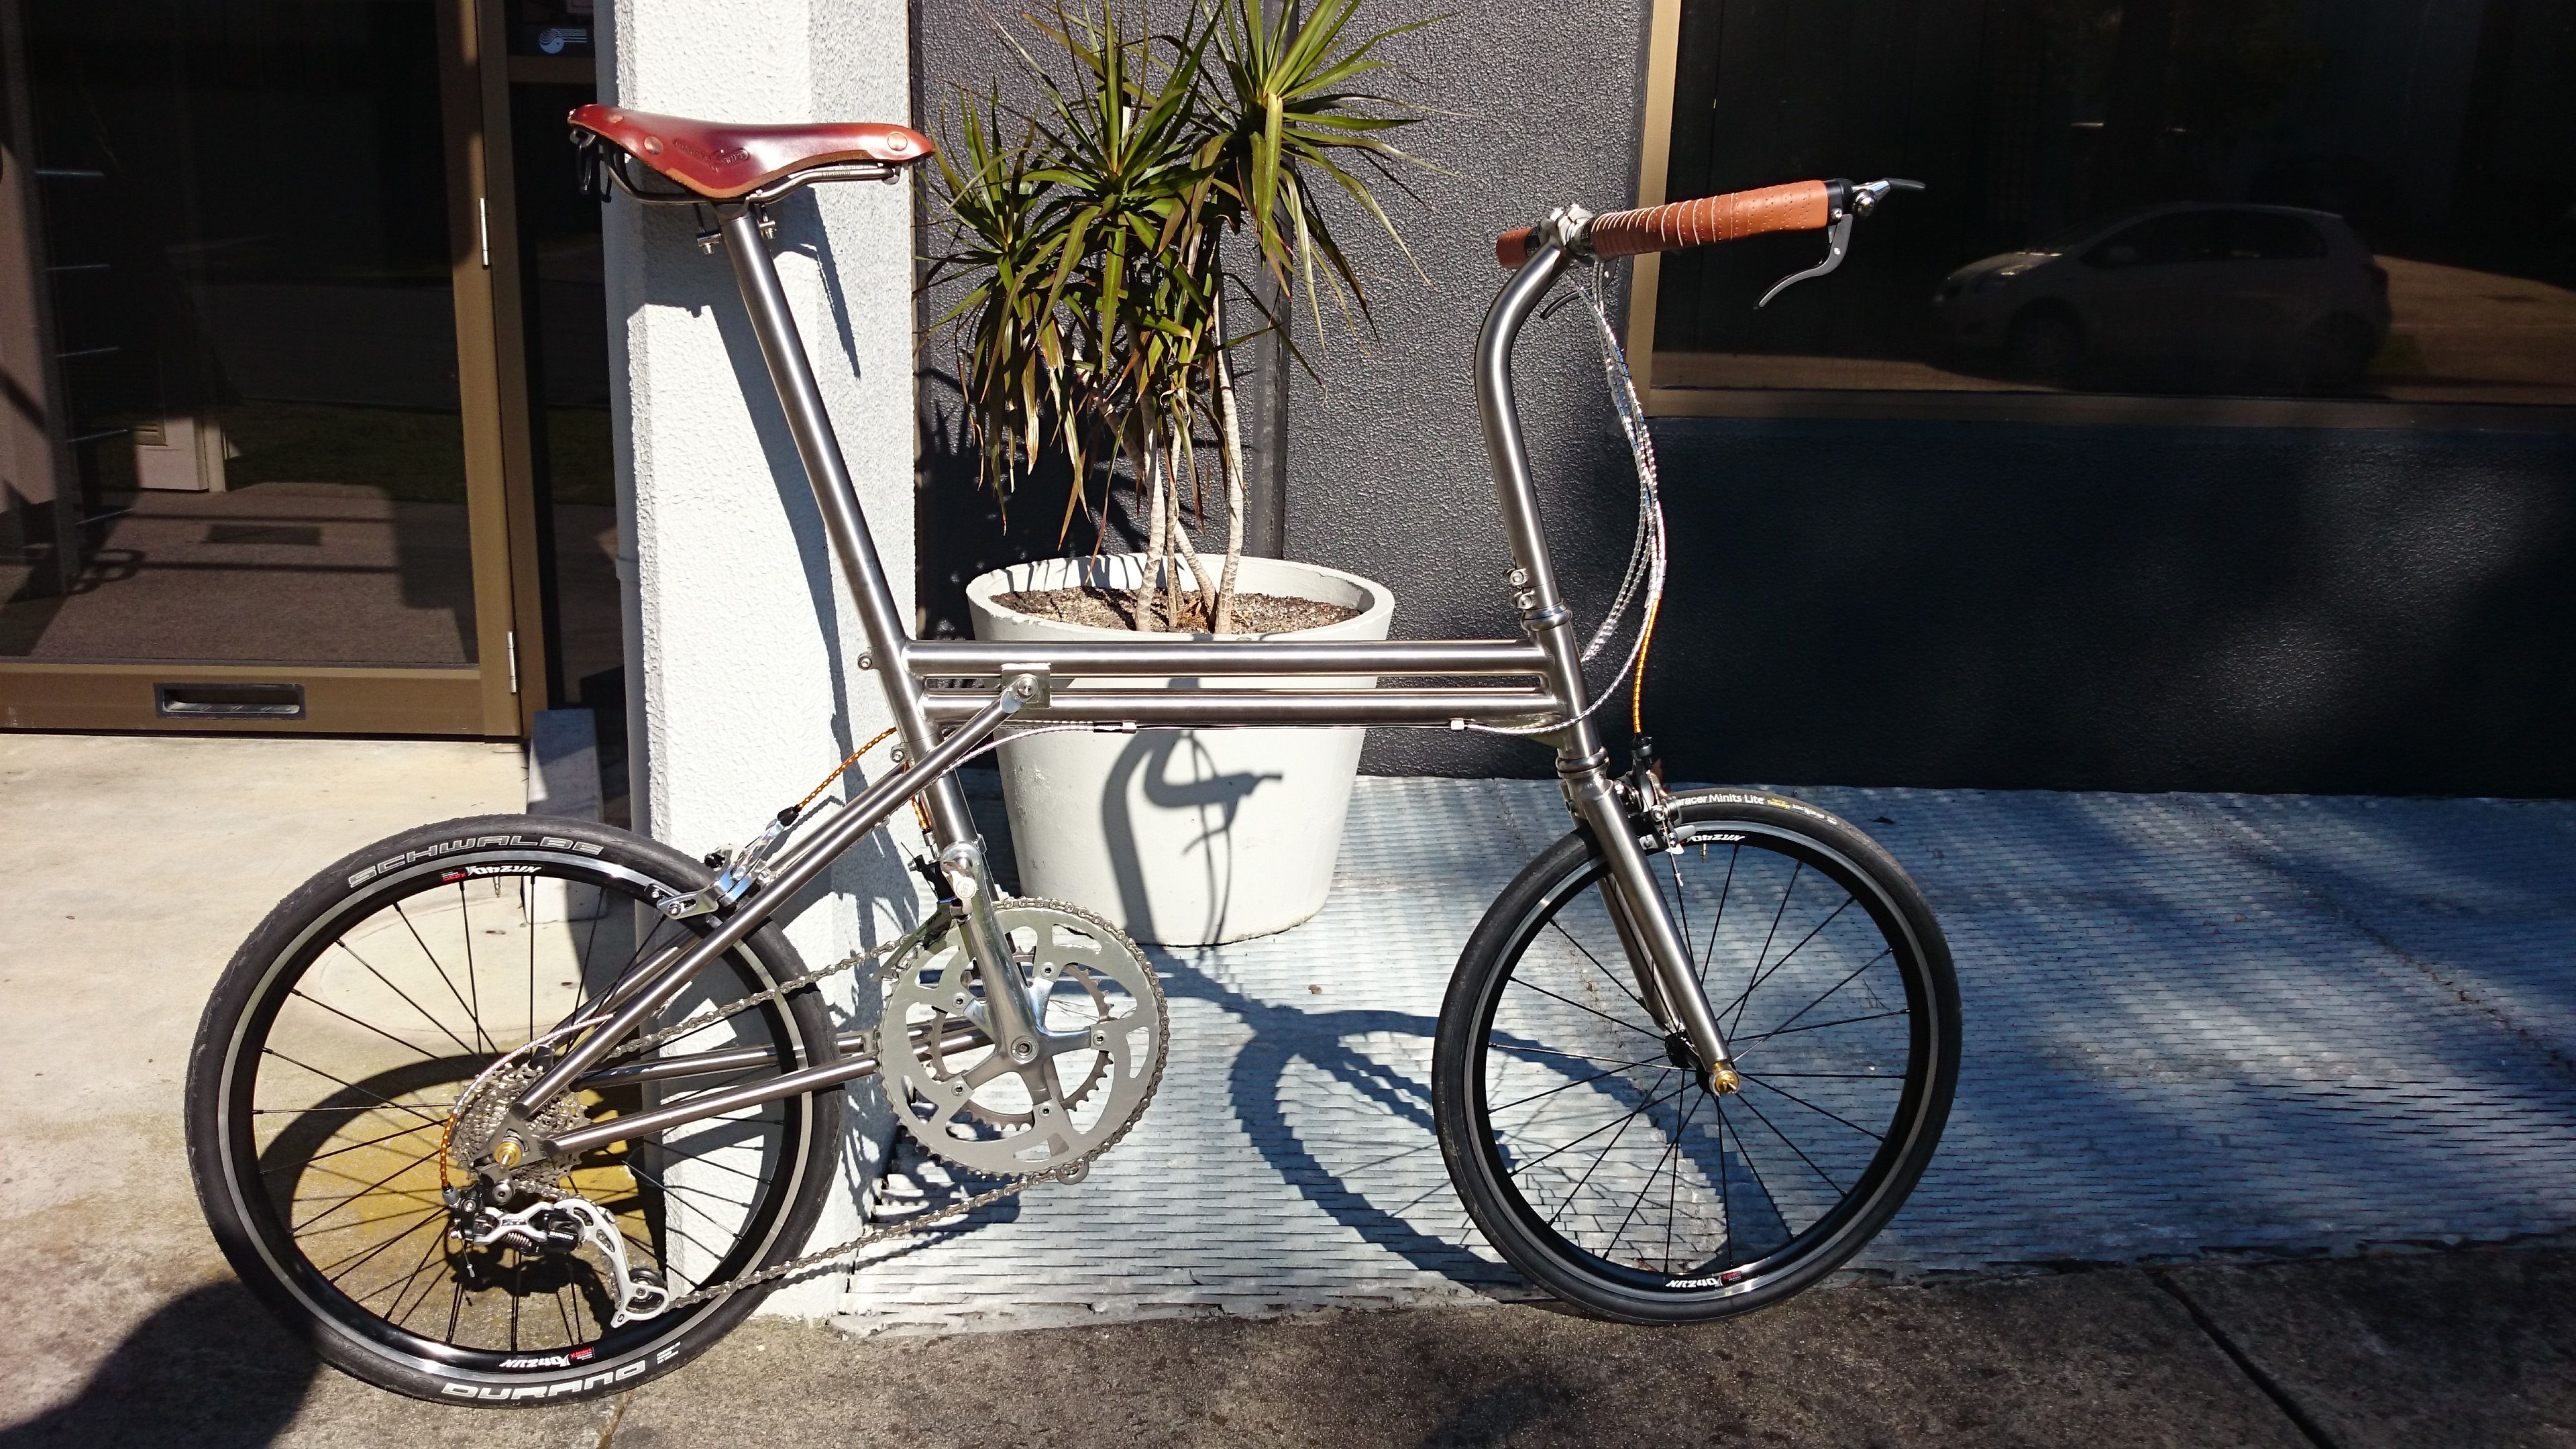 Http Www Bikeforums Net Folding Bikes 991775 Swift Eclipse Html